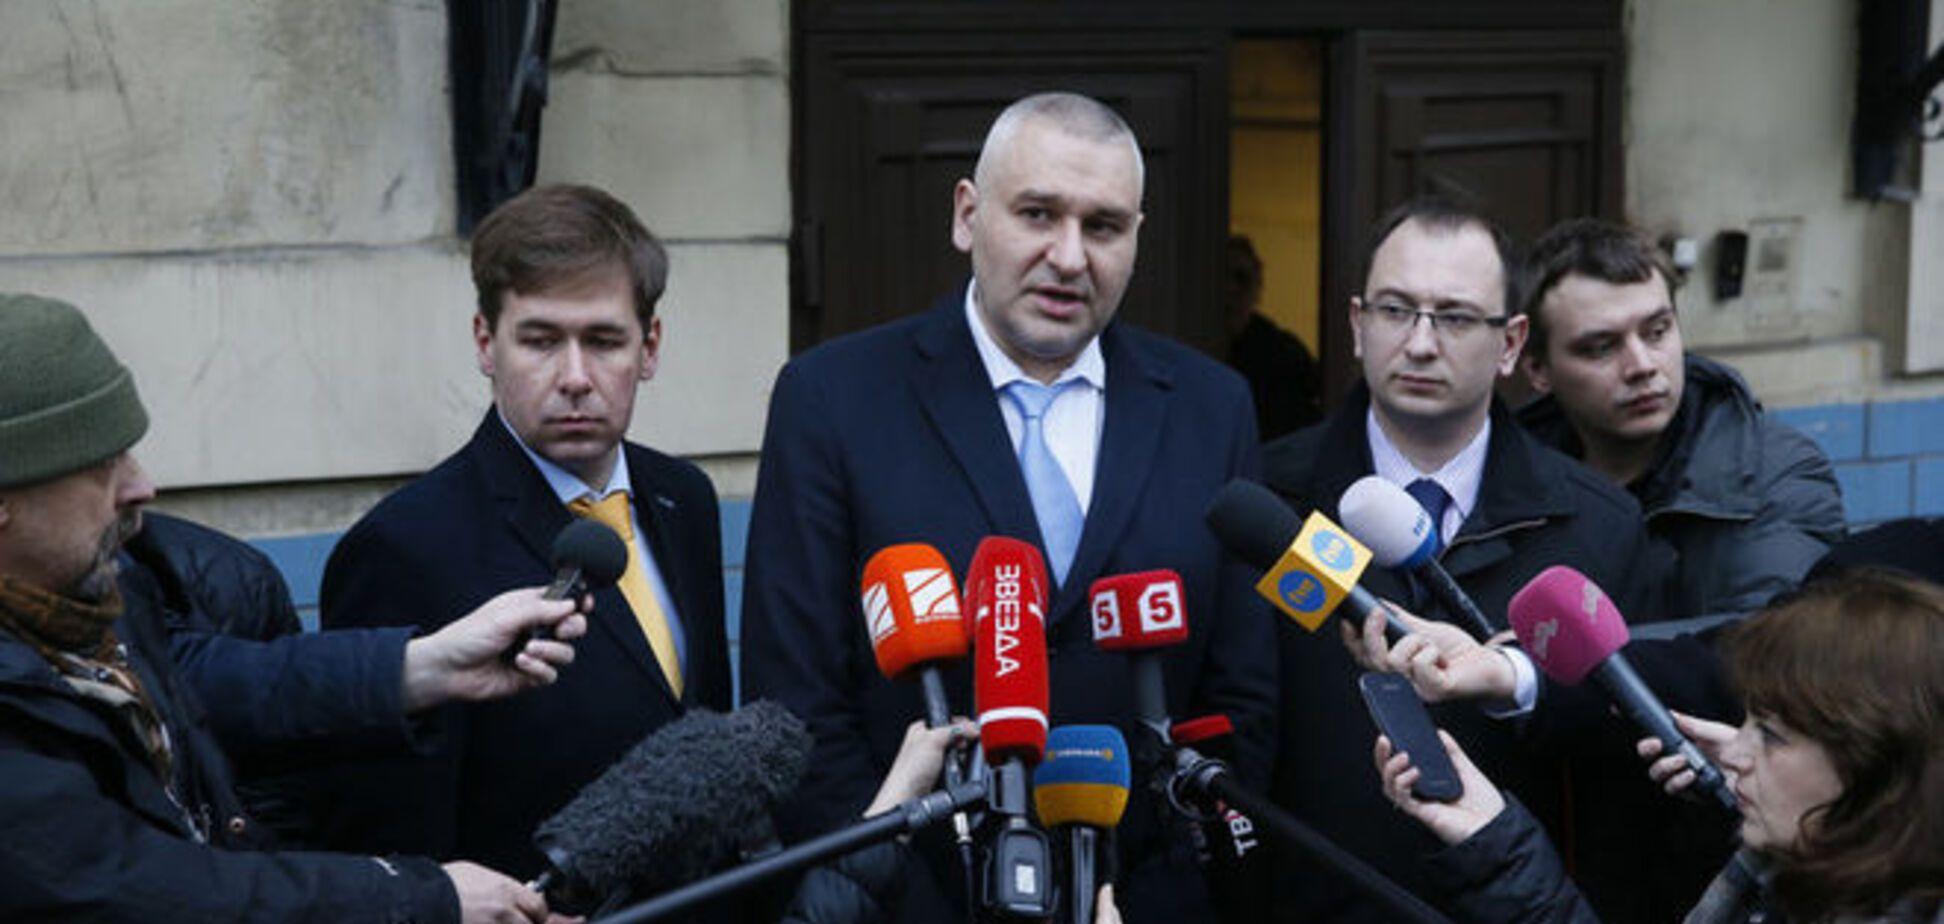 Адвокати Савченко зацікавлені, щоб Надя сиділа у в'язниці довше - СБУ